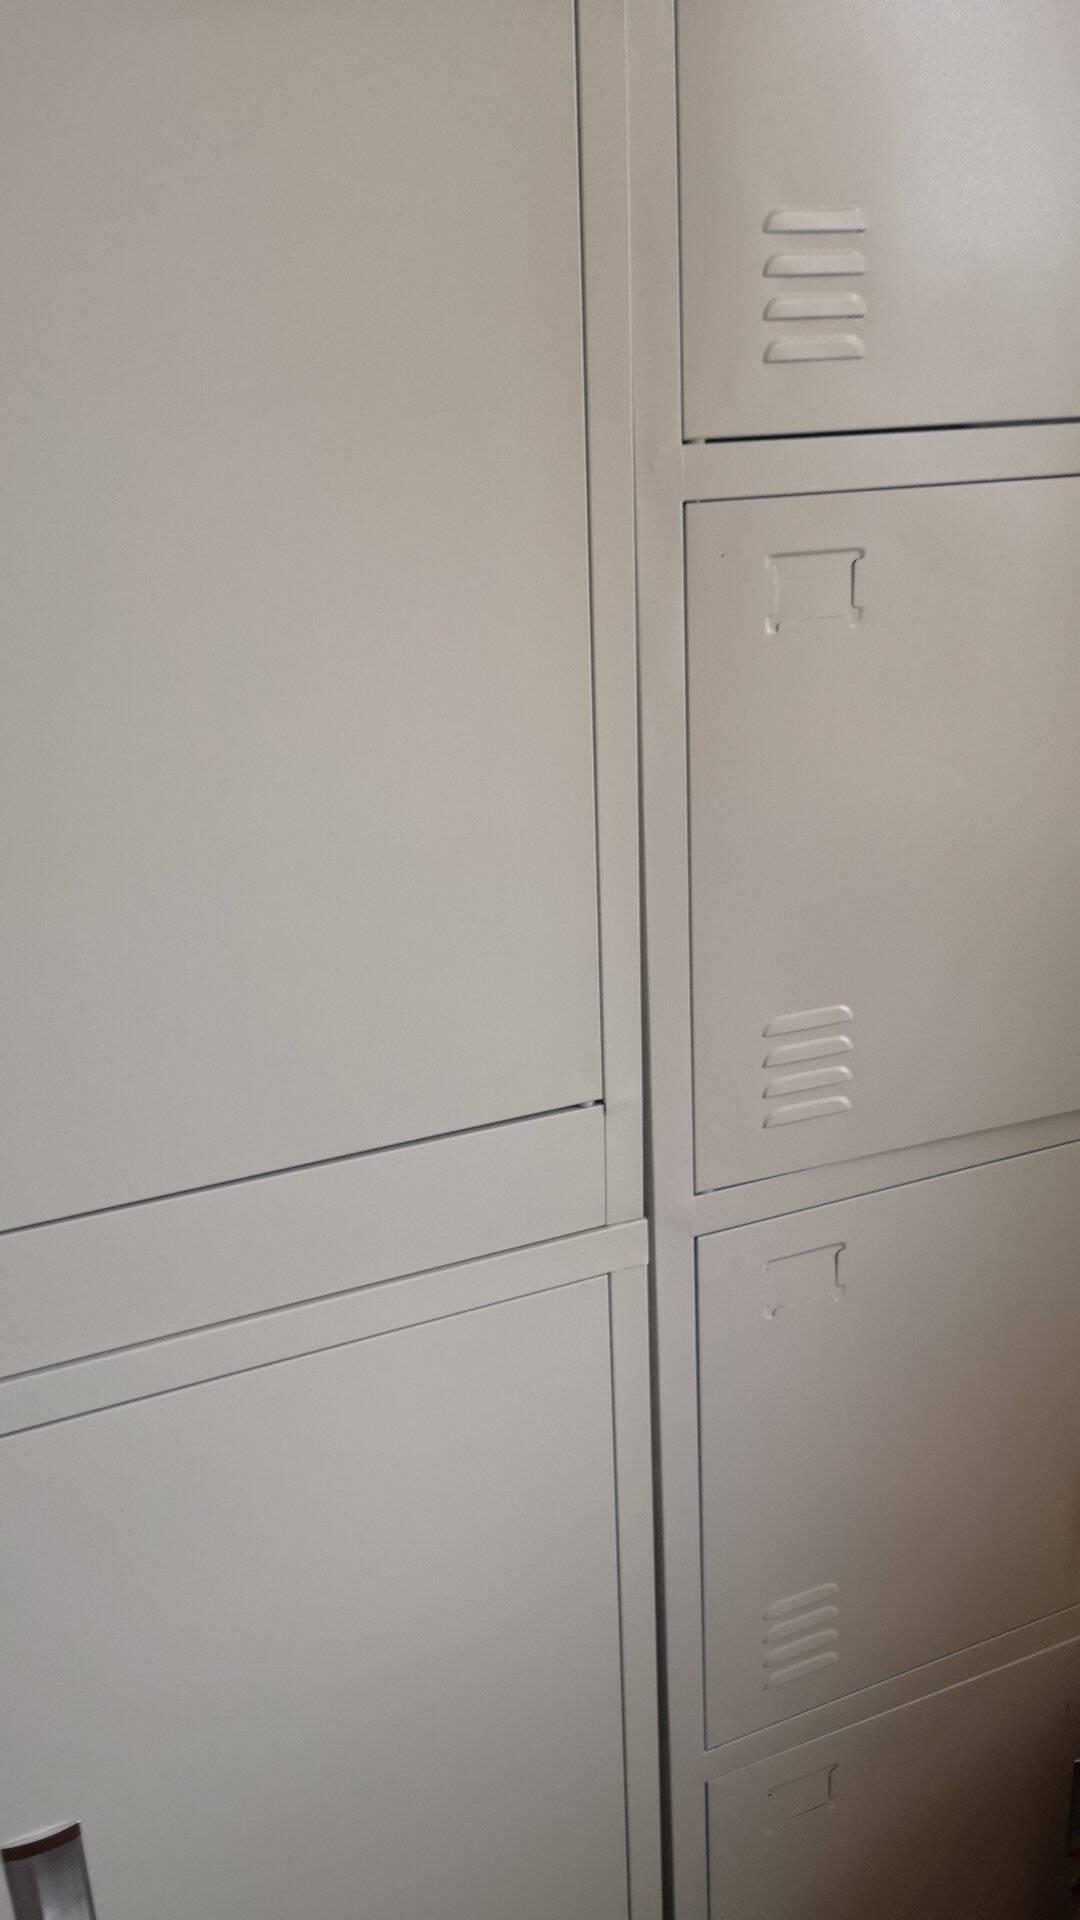 钢制加厚办公文件柜铁皮柜子档案柜凭证柜办公柜办公室抽斗带锁资料柜储物柜文件柜中二斗铁门柜经济款